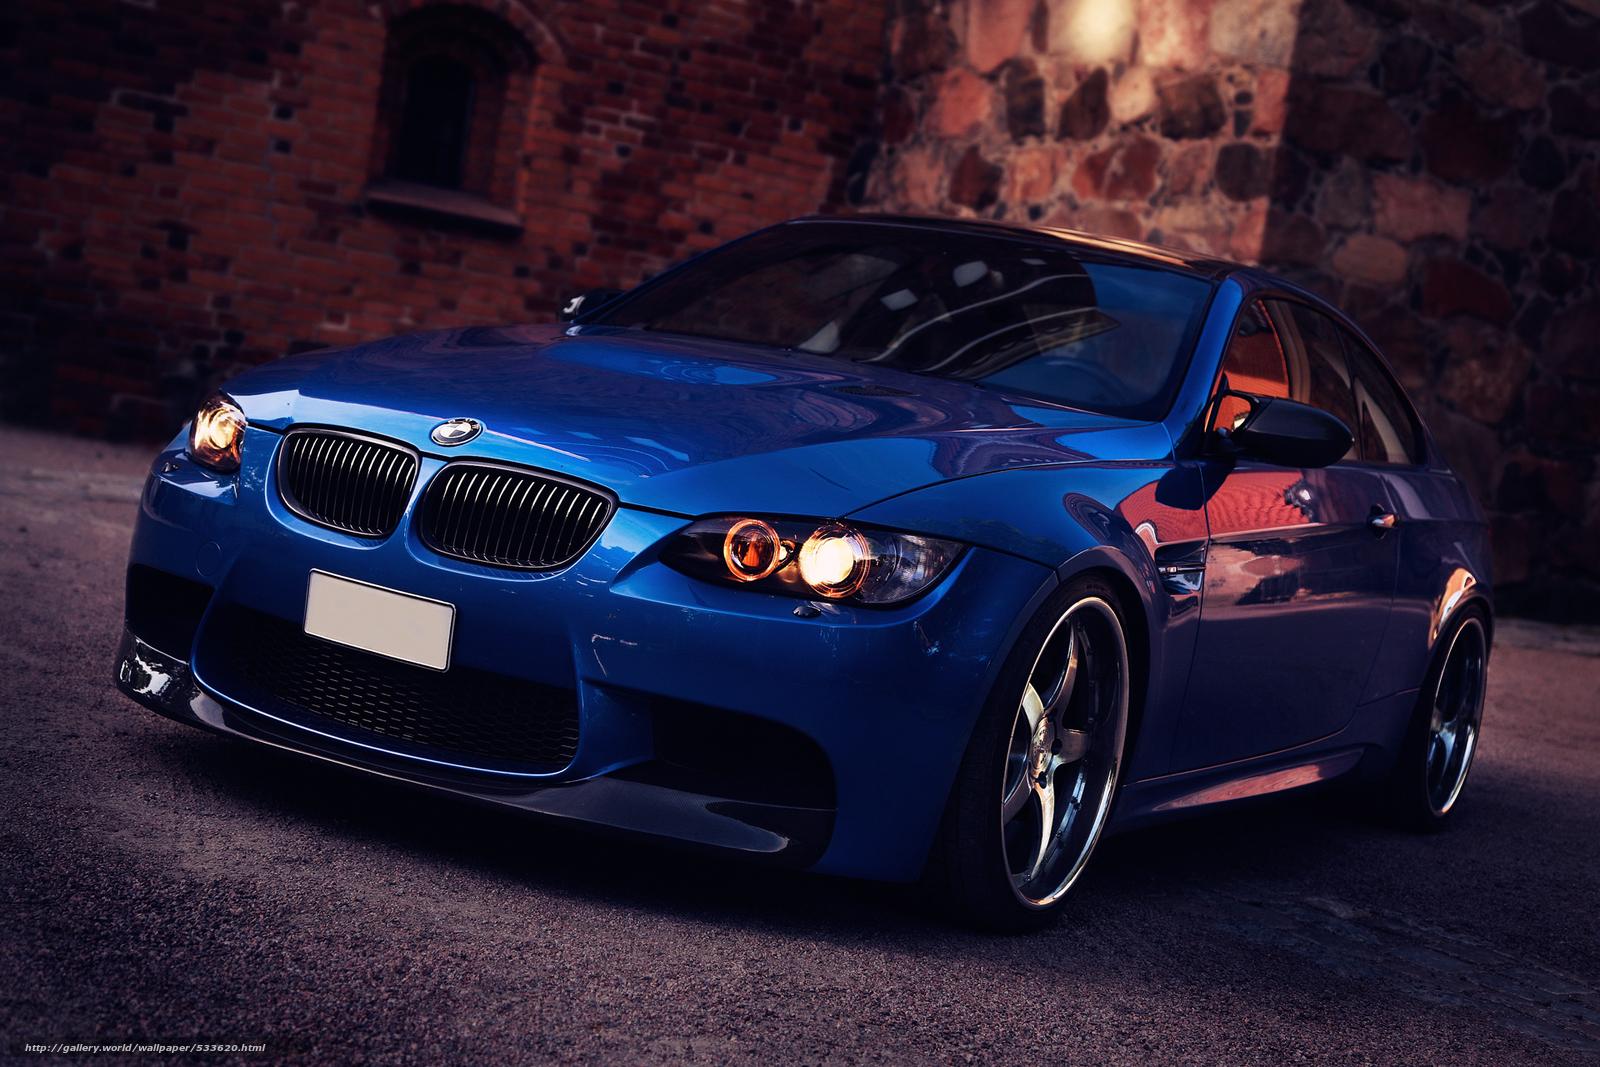 Tlcharger Fond d'ecran BMW,  passerelle,  lumires Fonds d'ecran gratuits pour votre rsolution du bureau 1920x1280 — image №533620